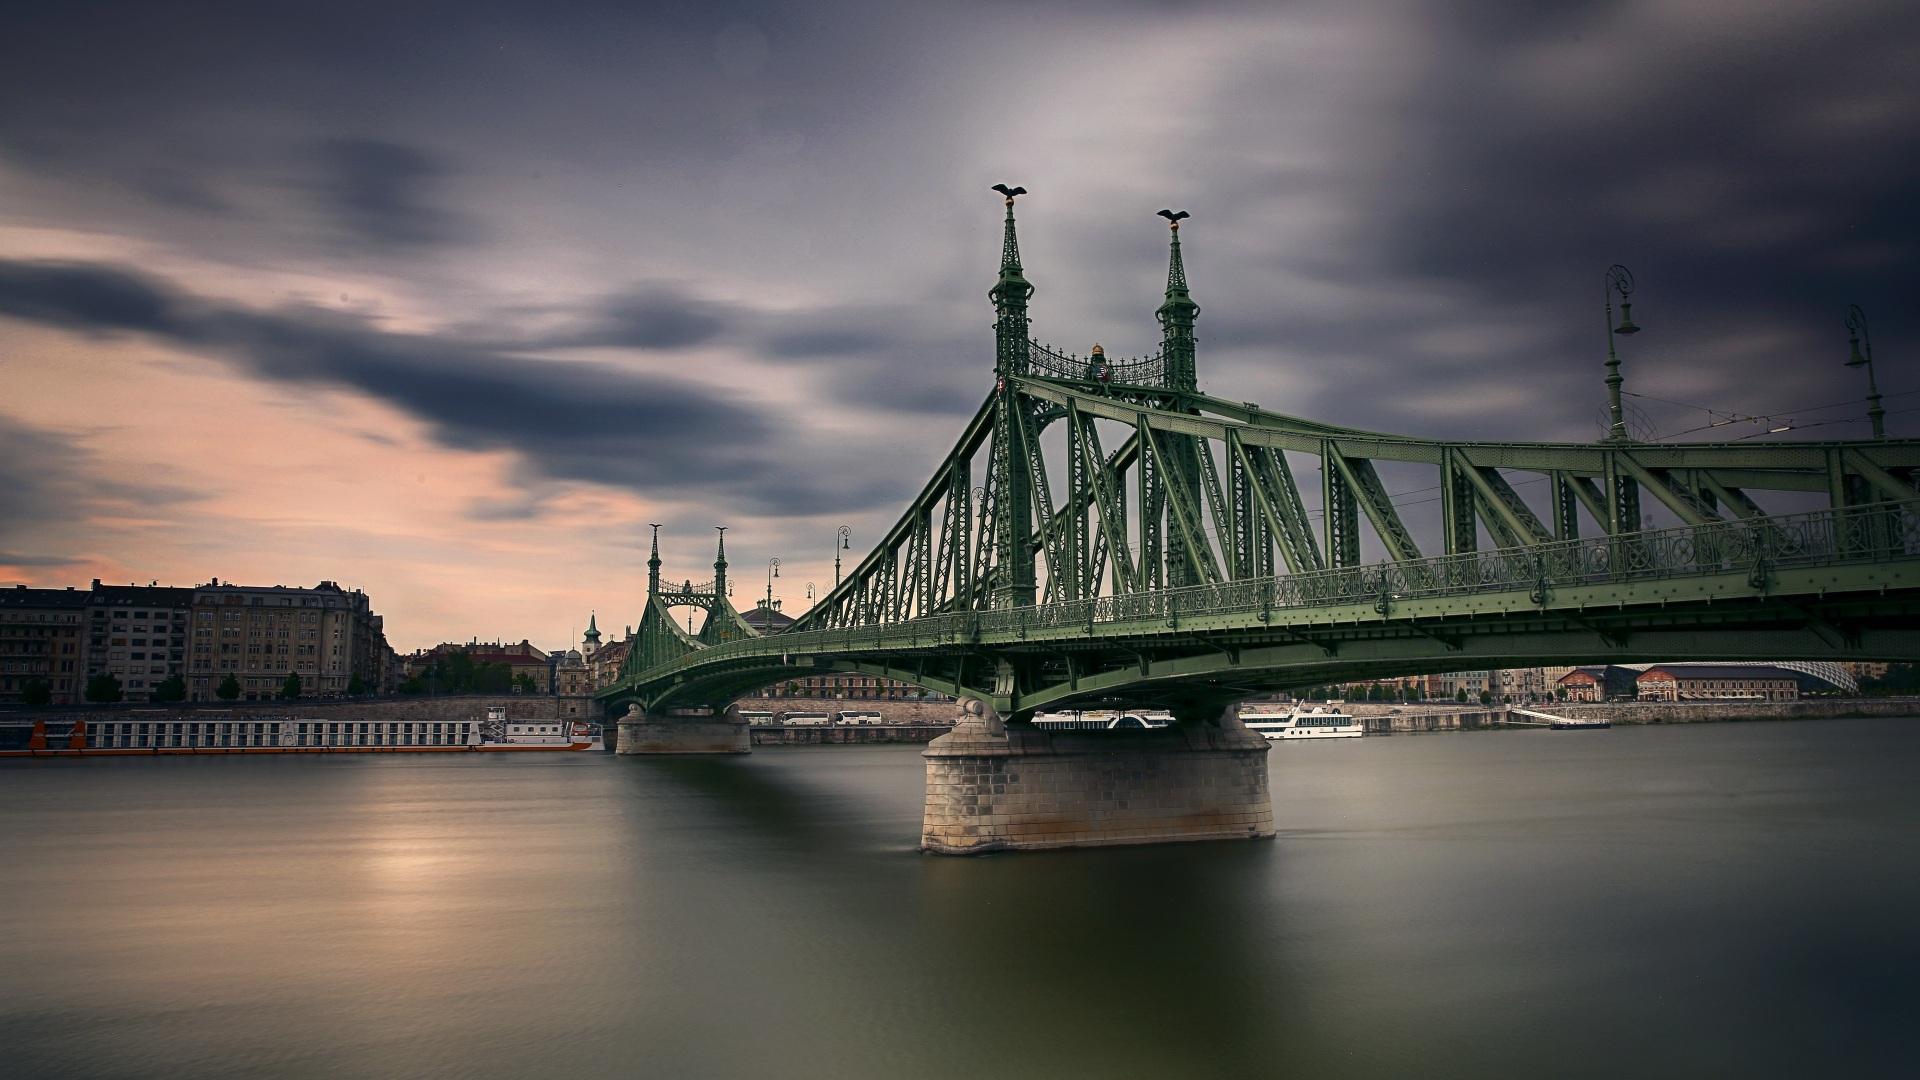 Bilder Budapest Ungarn Freedom Bridge Brücken Fluss Städte 1920x1080 Brücke Flusse